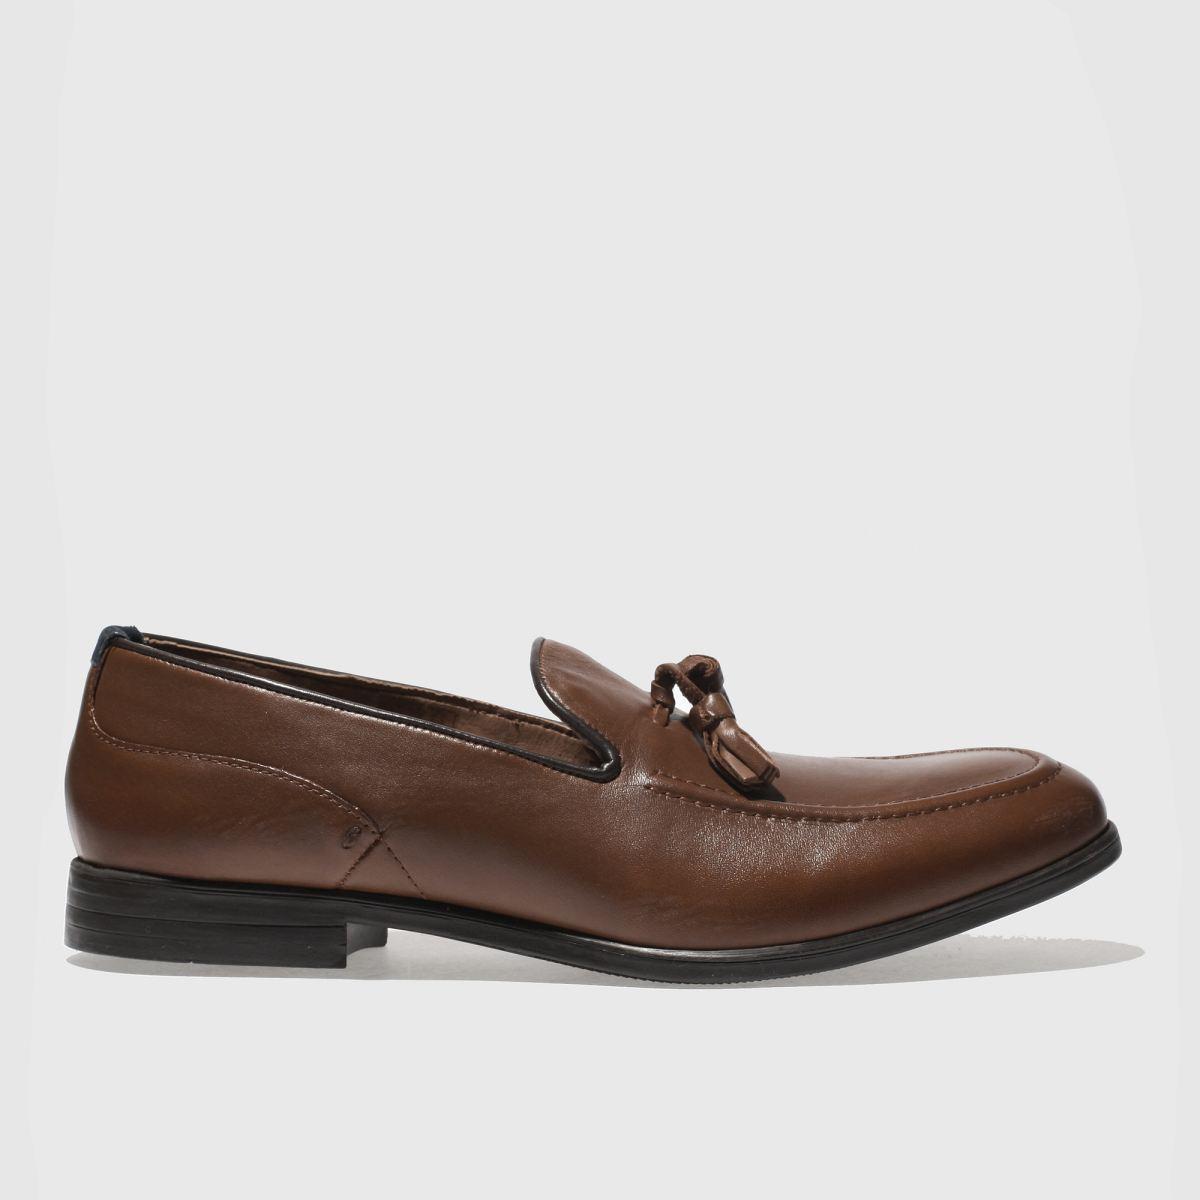 H By Hudson Tan Aylsham Shoes